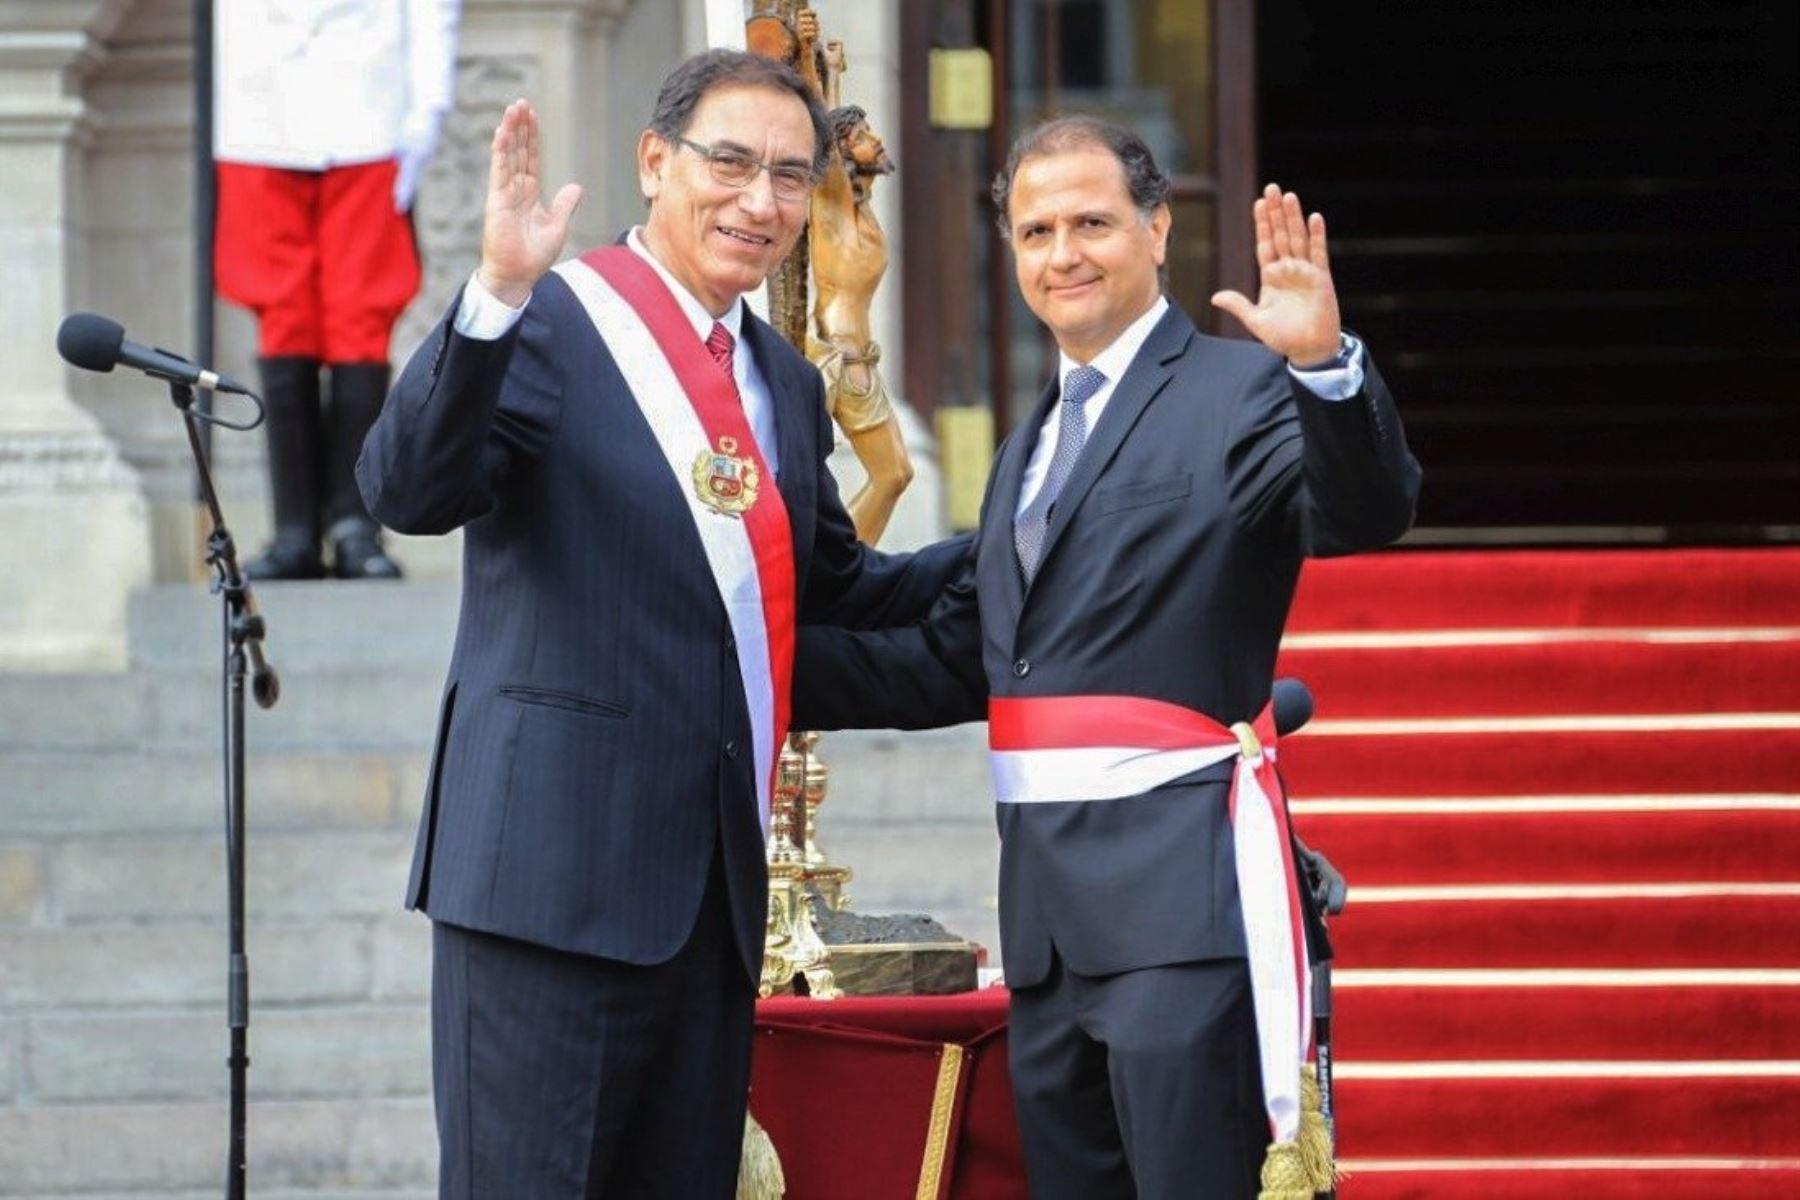 Nuevo ministro de Energía y Minas, Francisco Ísmodes. Fuente: MEM